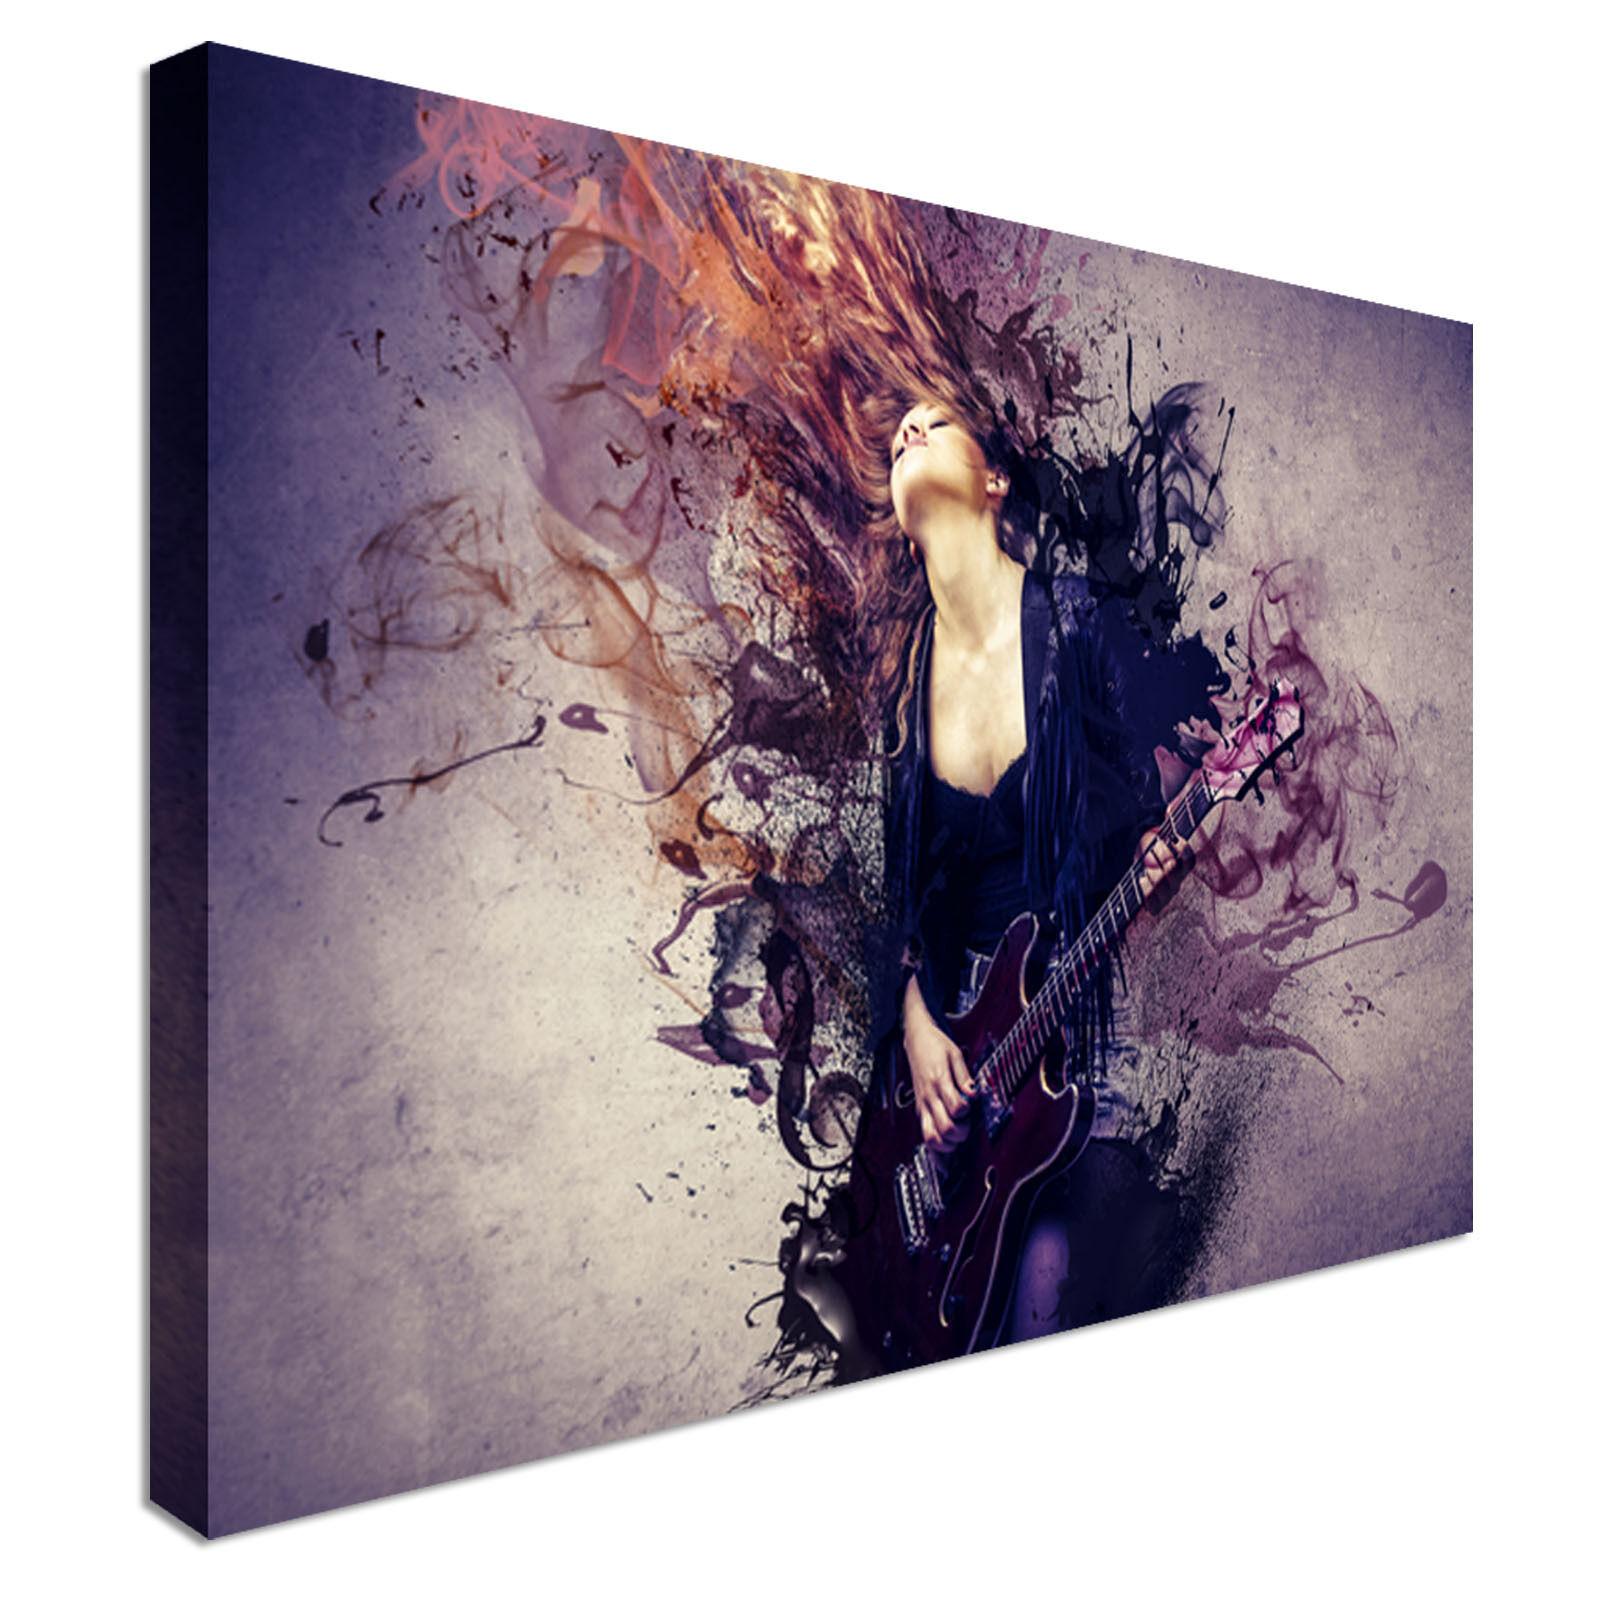 El guitarrista de de arte abstracto mujer LONA parojo arte impresiones de de alta calidad de gran valor f6c97e